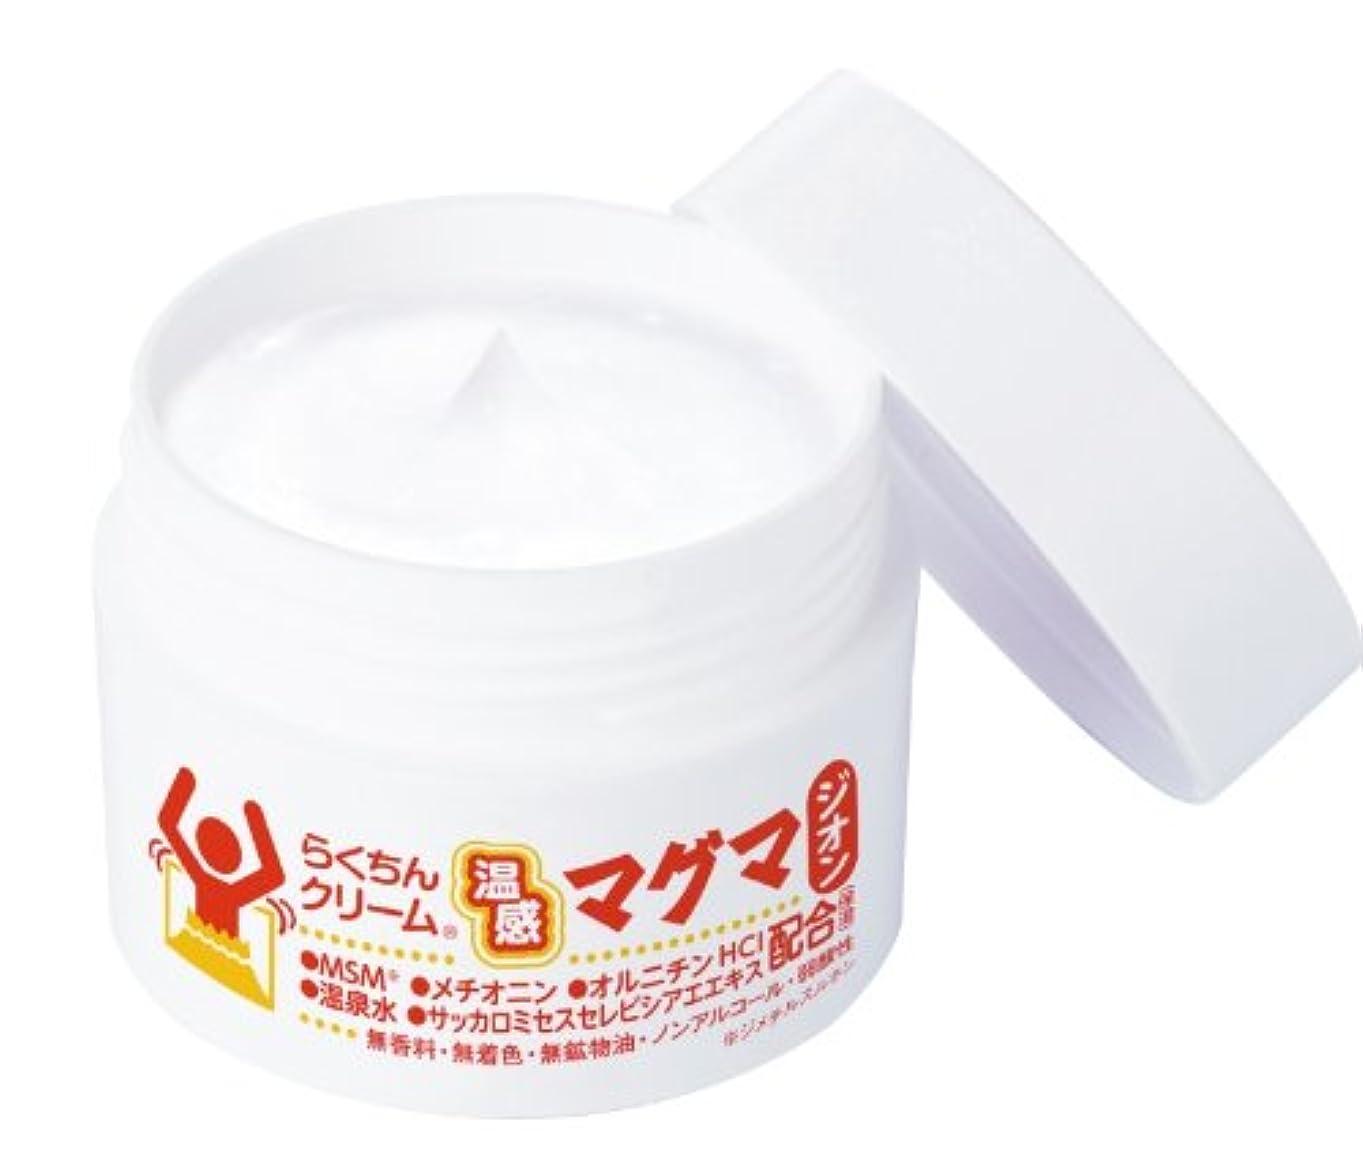 圧力置き場不倫らくちんクリーム 温感マグマ ジオン 3個セット ※プロも認めたマッサージクリーム!温感マグマ!自然素材の刺激がリラックス気分をもたらせます!